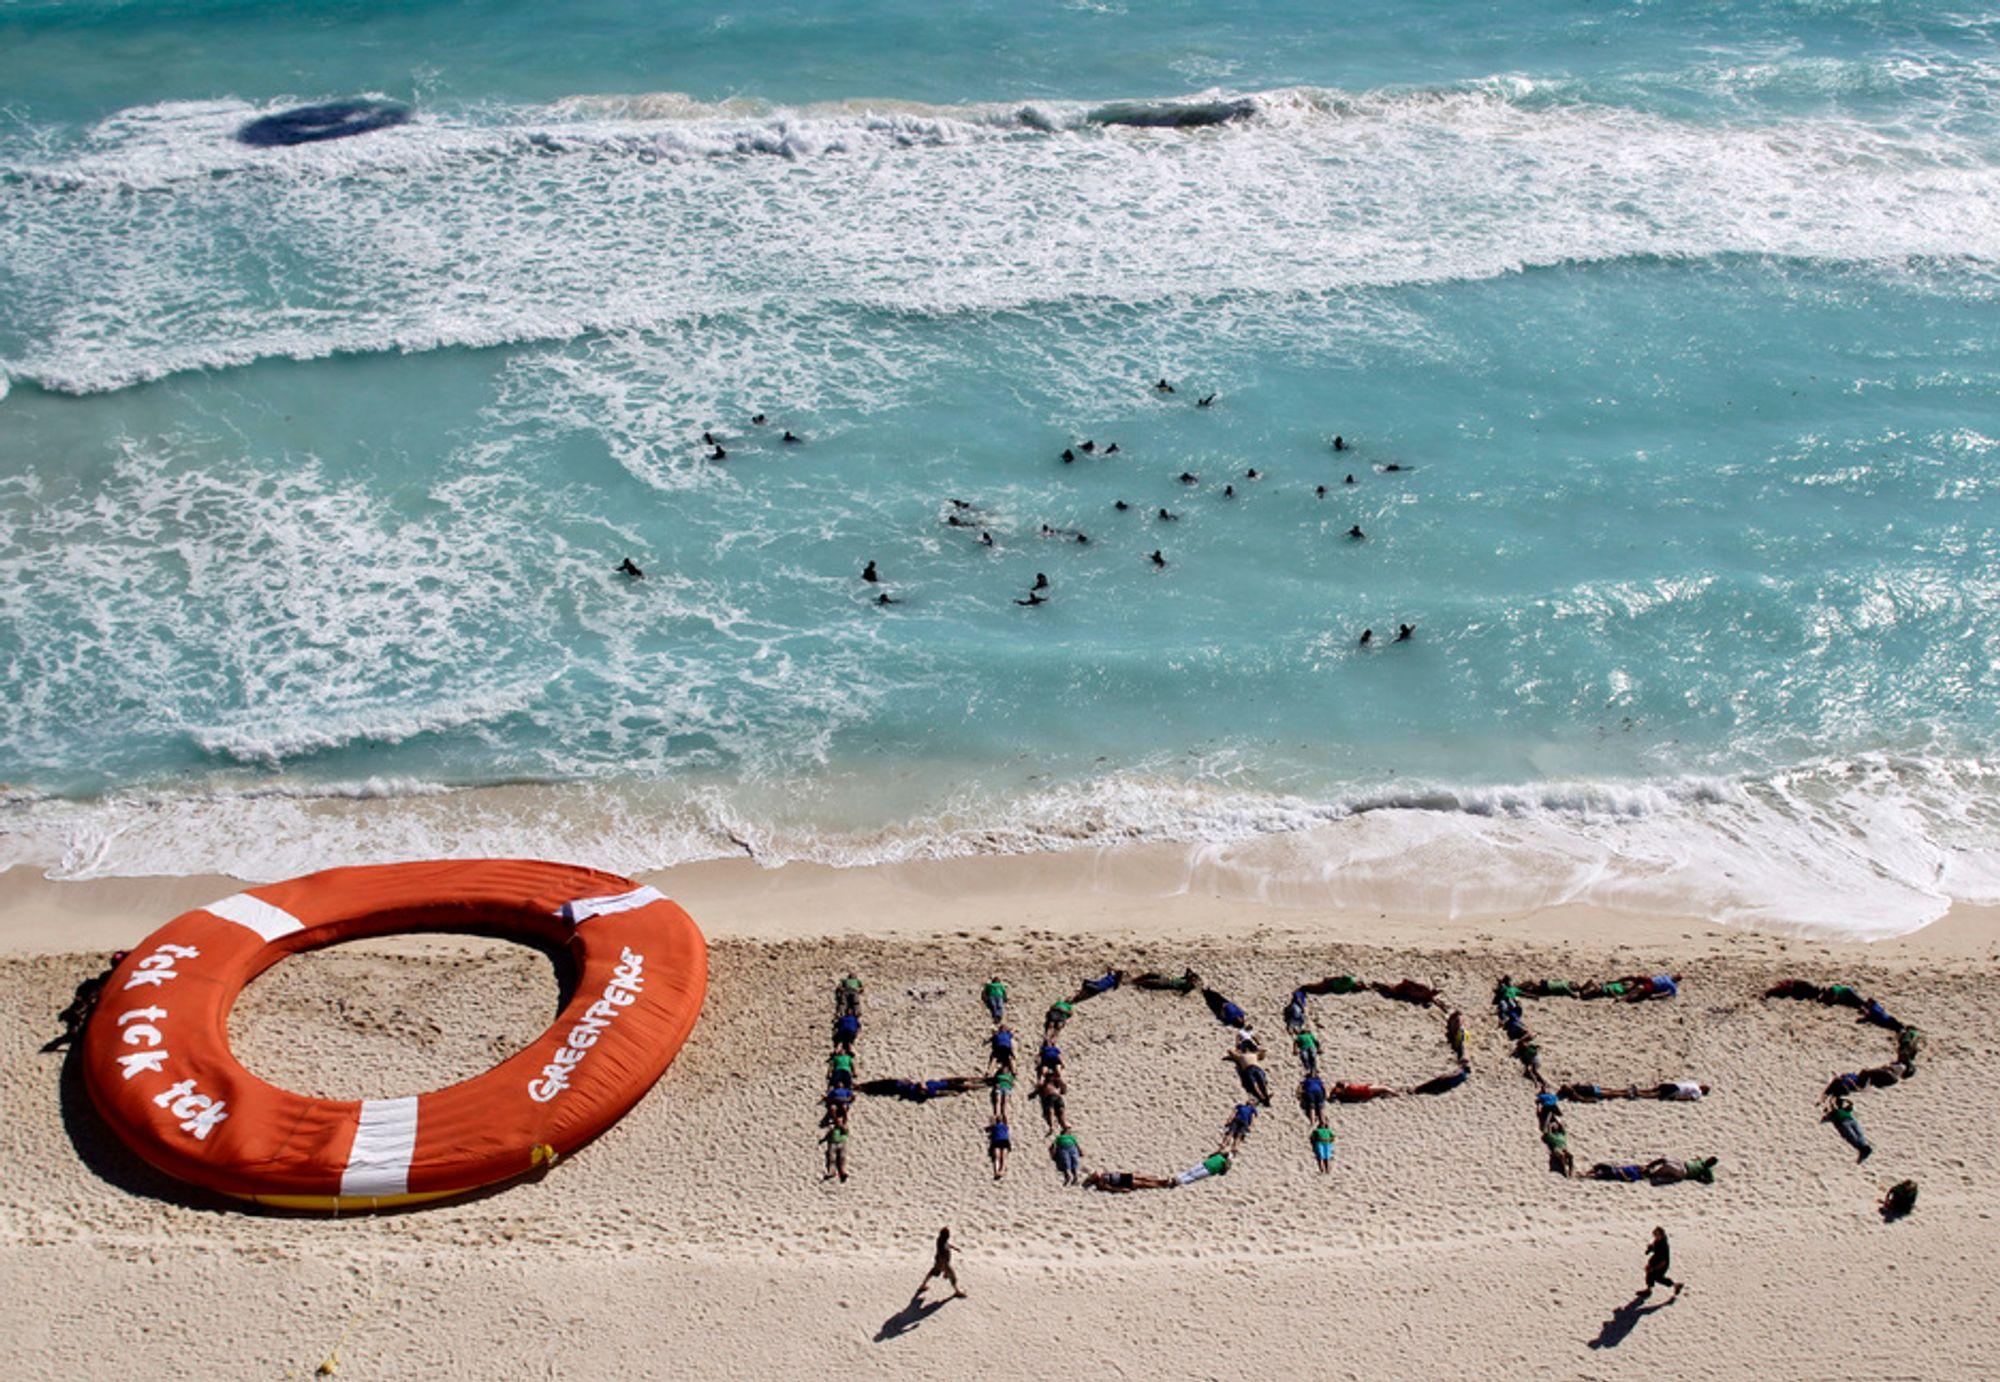 HÅP: Miljøaktivister i Cancun danner ordet «håp» på stranda. Delegatene i den mexicanske byen ble til slutt enige om en slutterklæring lørdag, og FNs klimaprosess er berget inntil videre.